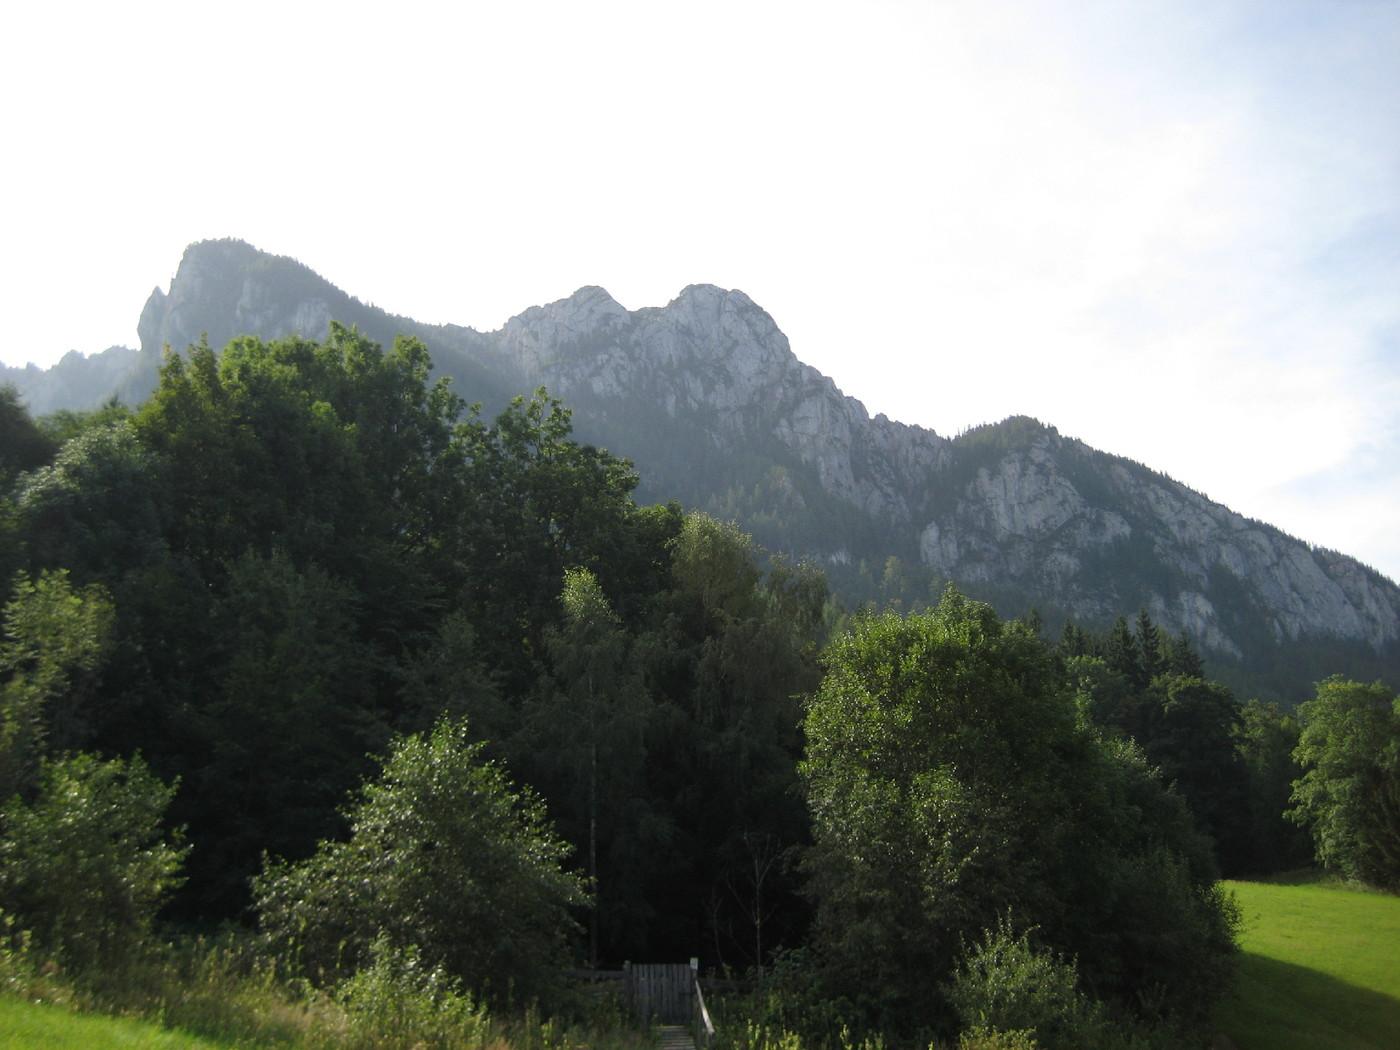 Klettersteig Hochlantsch : Franz scheikl klettersteig hochlantsch grazer bergland